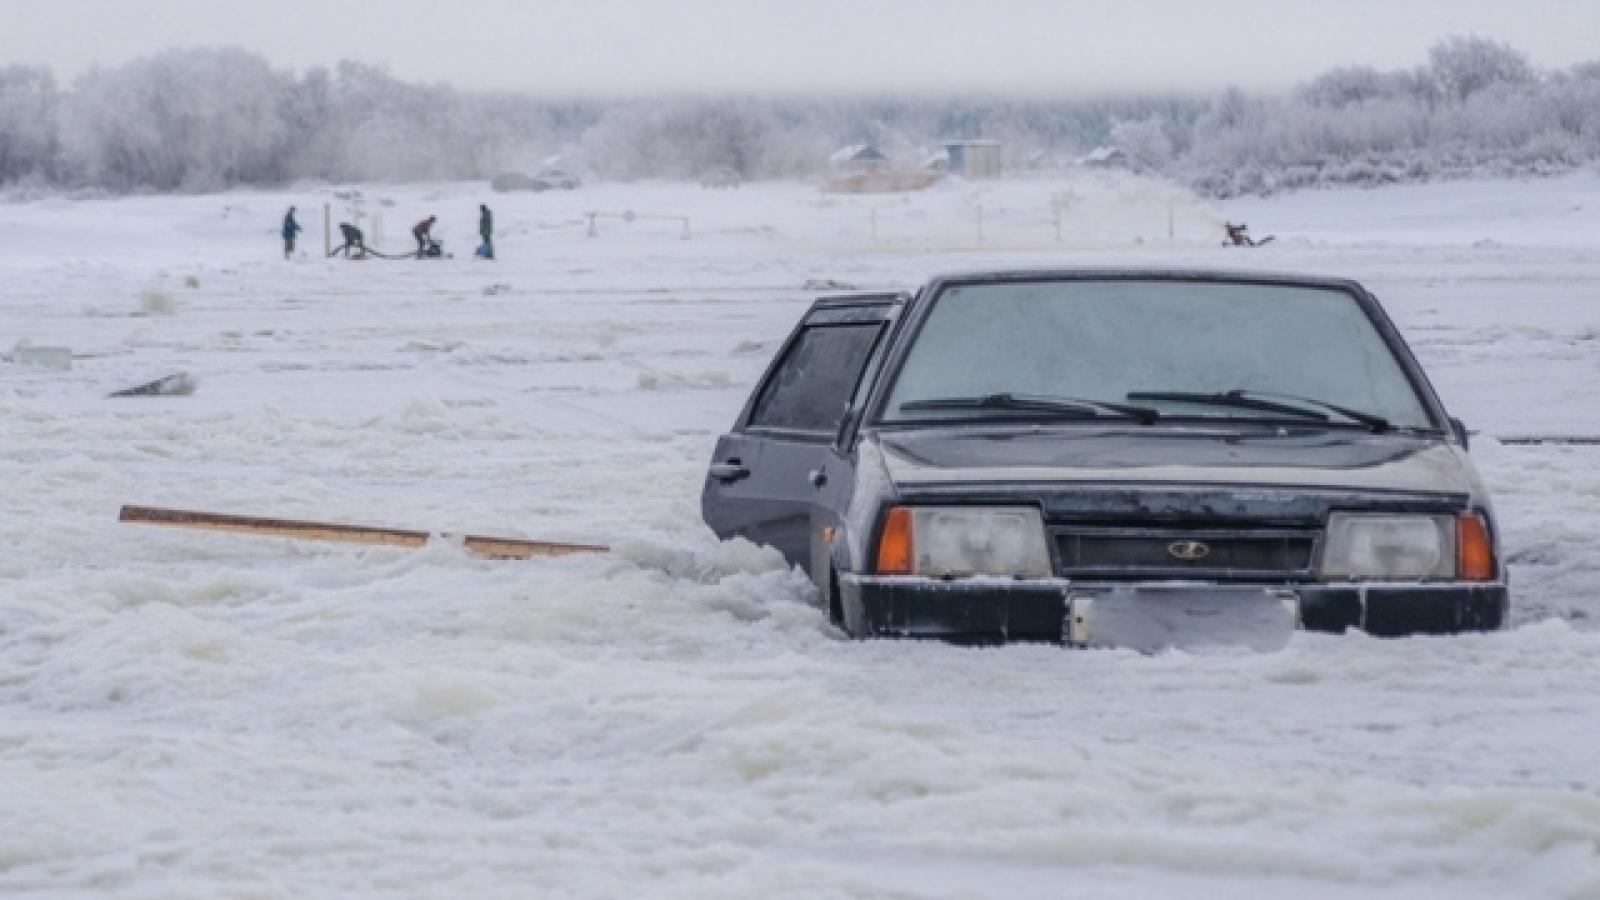 На переправе около Великого Устюга автомобиль с людьми провалился под лёд